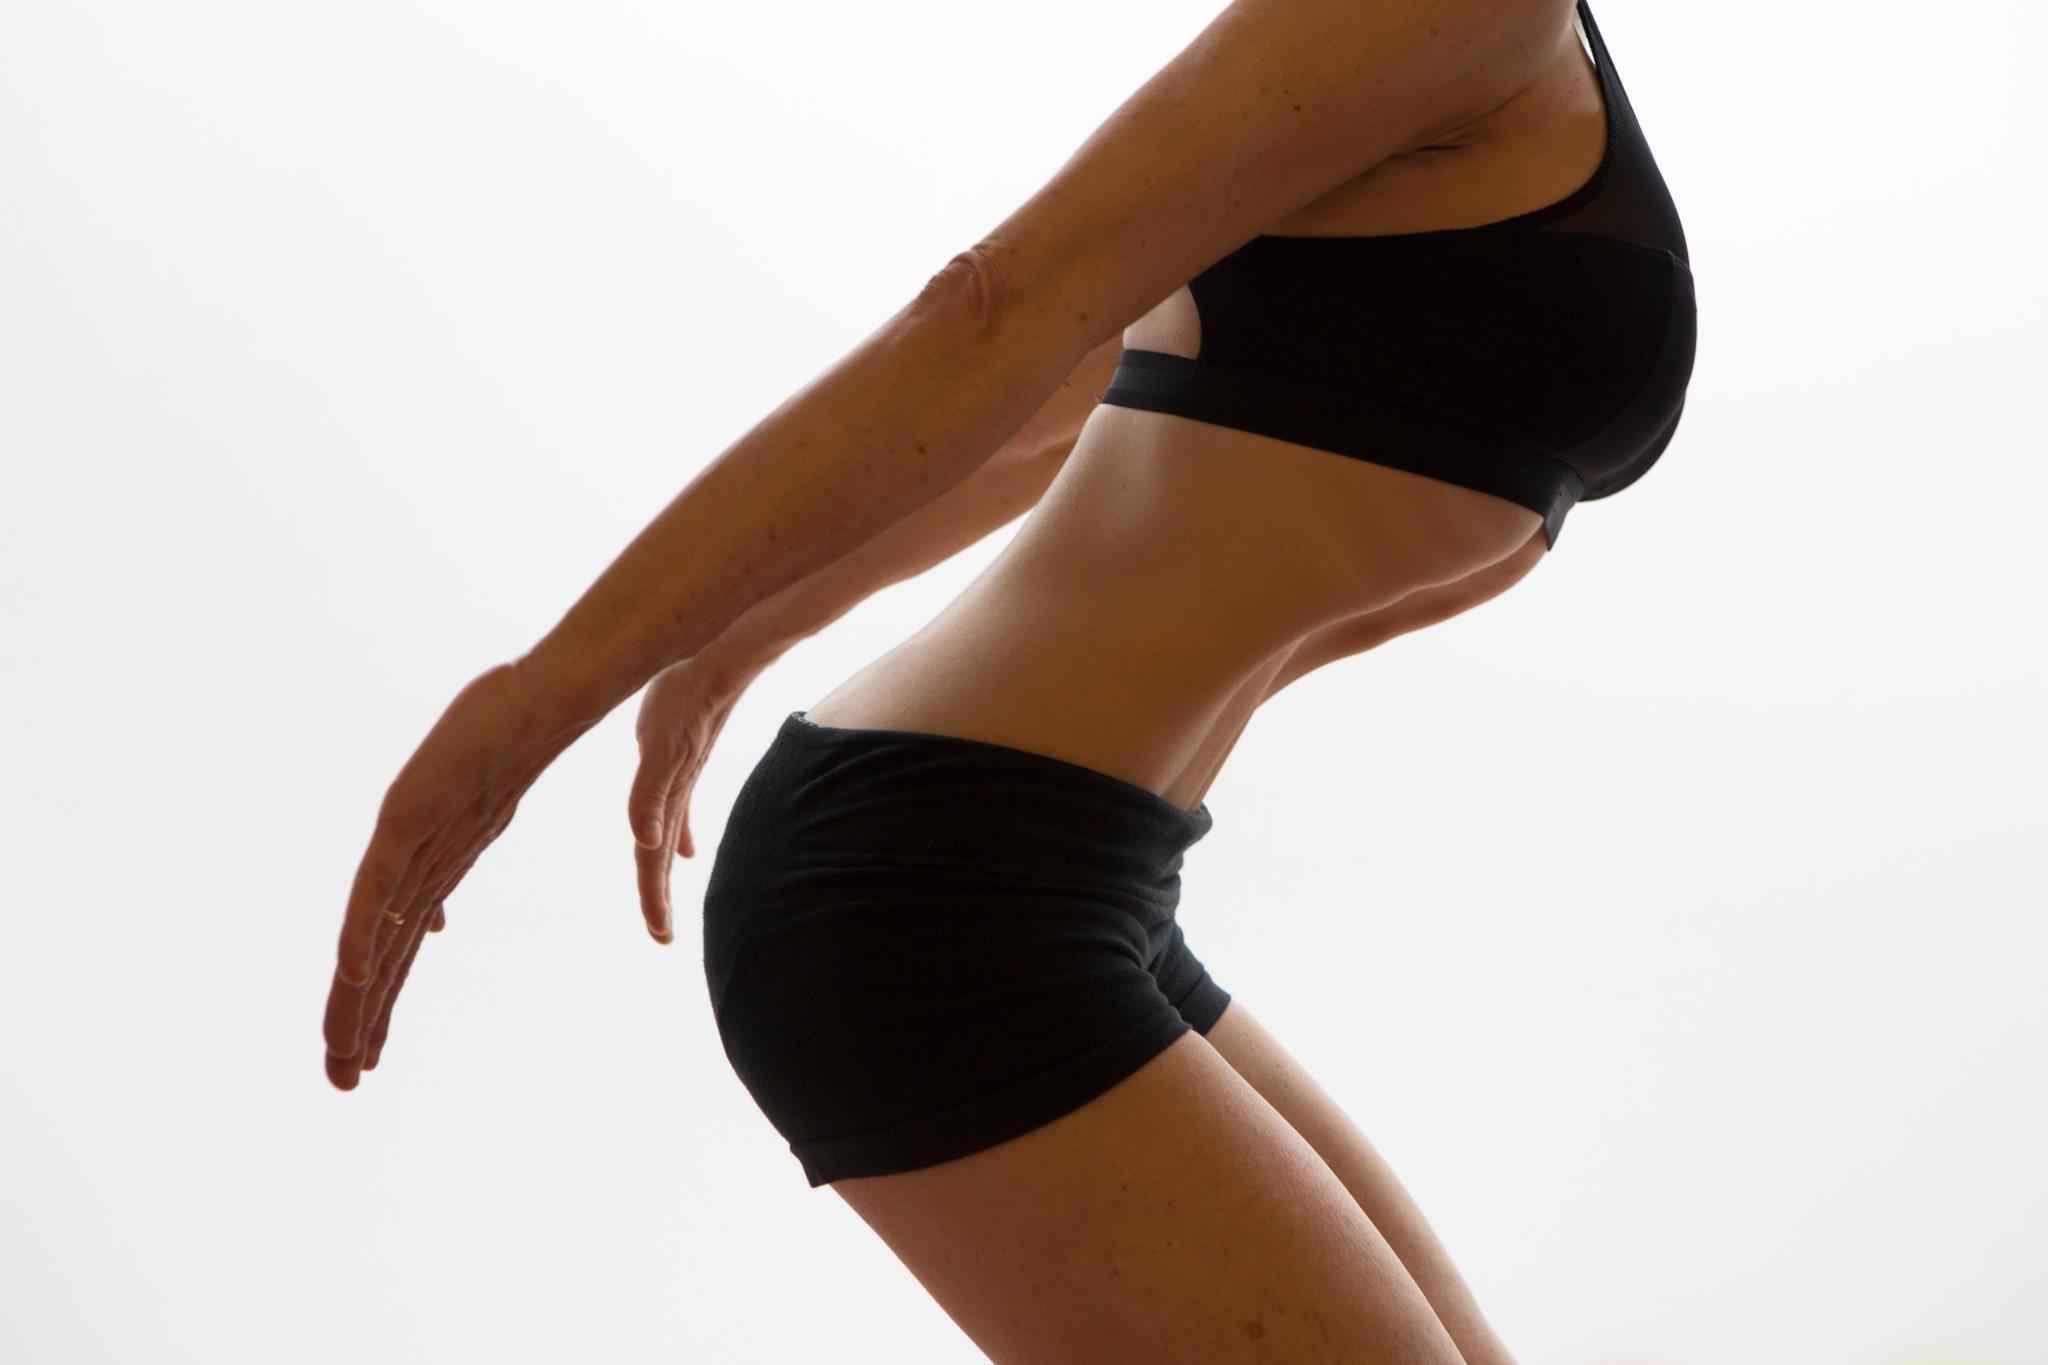 Aprende a hacer abdominales hipopresivos para lograr un vientre plano